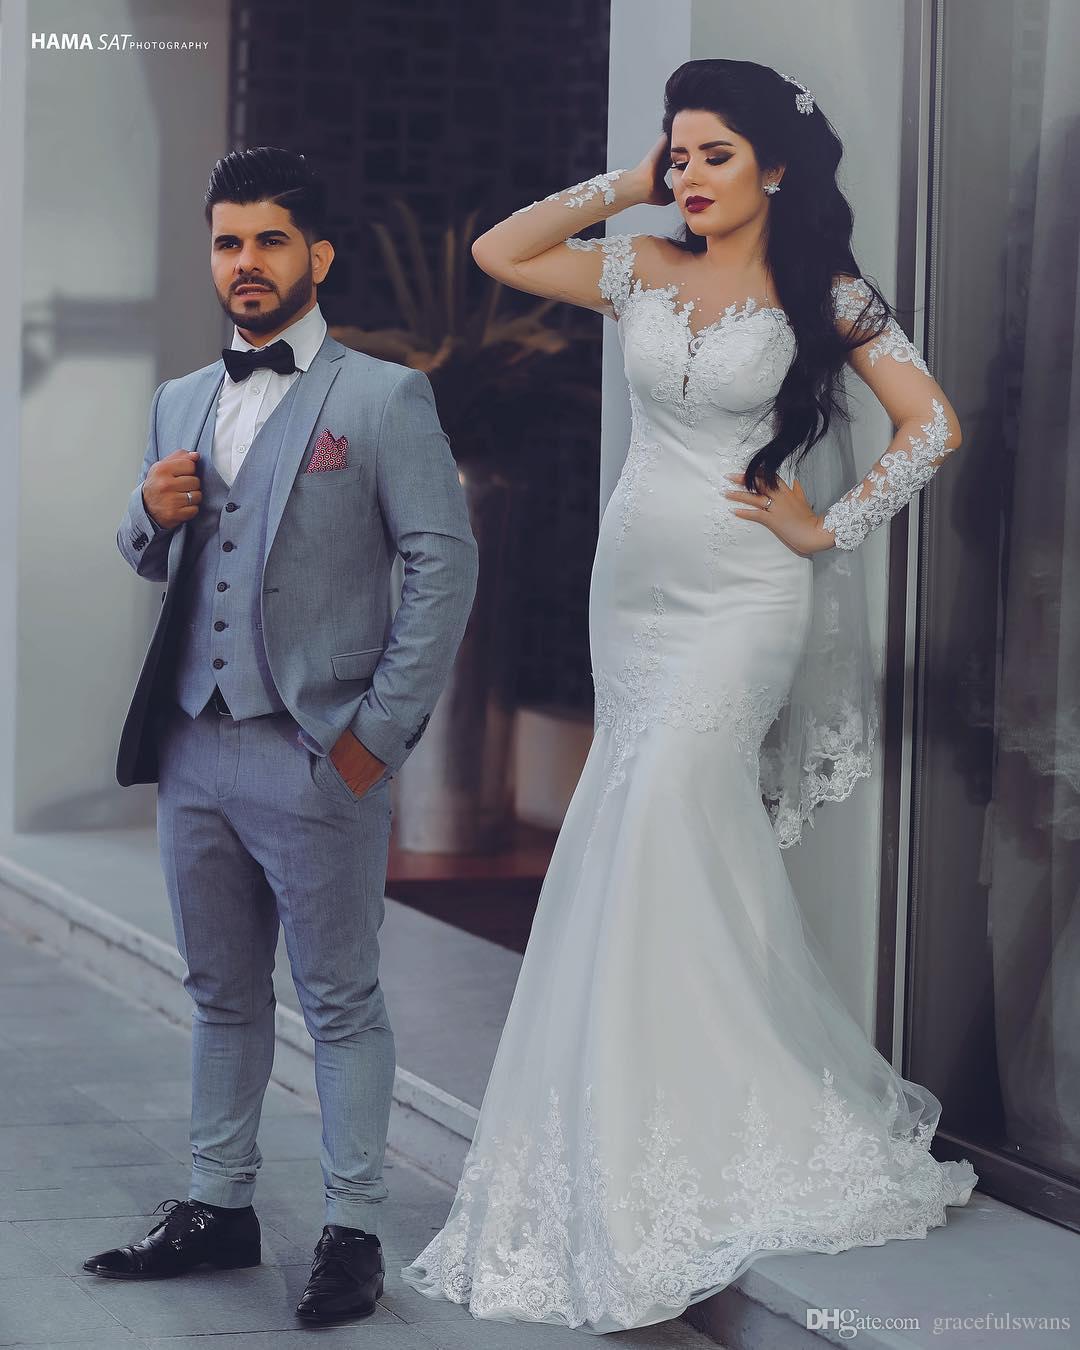 Русалка саудовский арабский свадебные платья с длинным рукавом иллюзия О-образным вырезом кружева аппликации с бисером современные свадебные платья vestidos де casamento